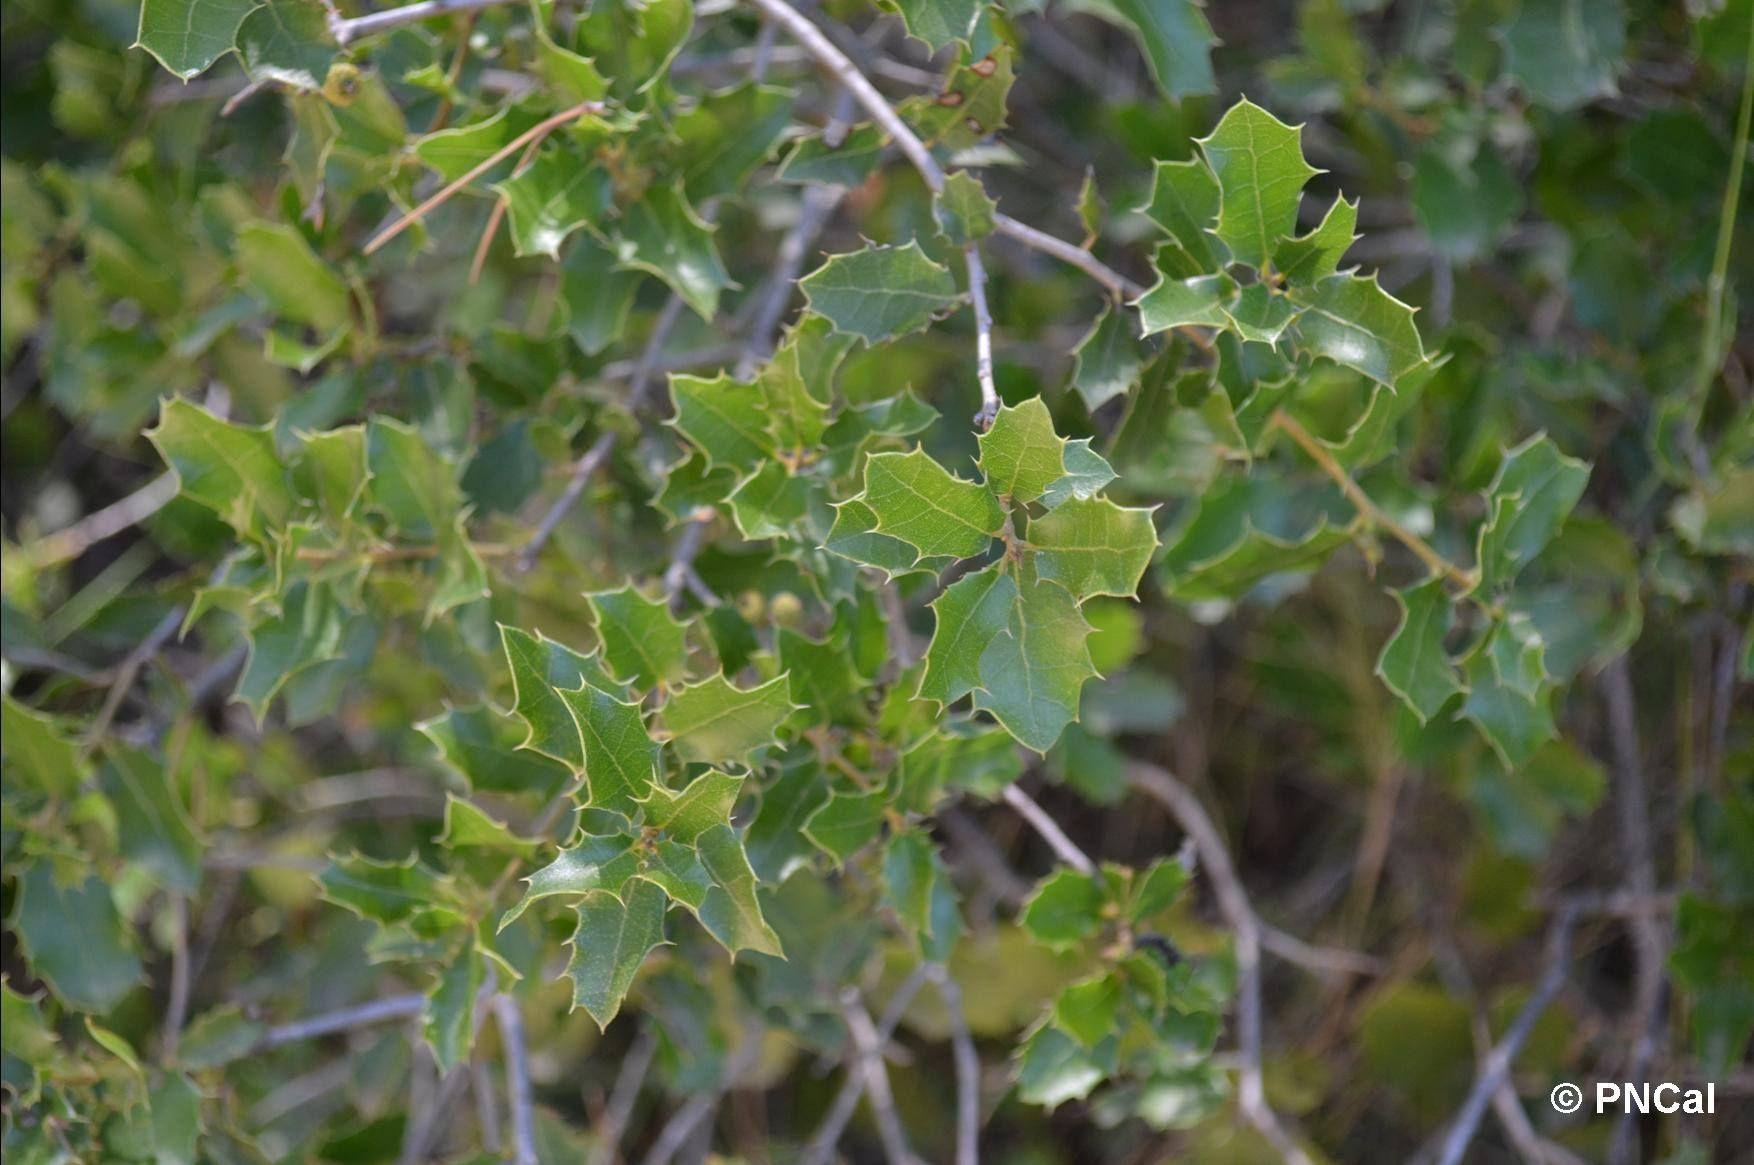 Chªne KERMES arbre méditerranéen  feuilles épineuses attention